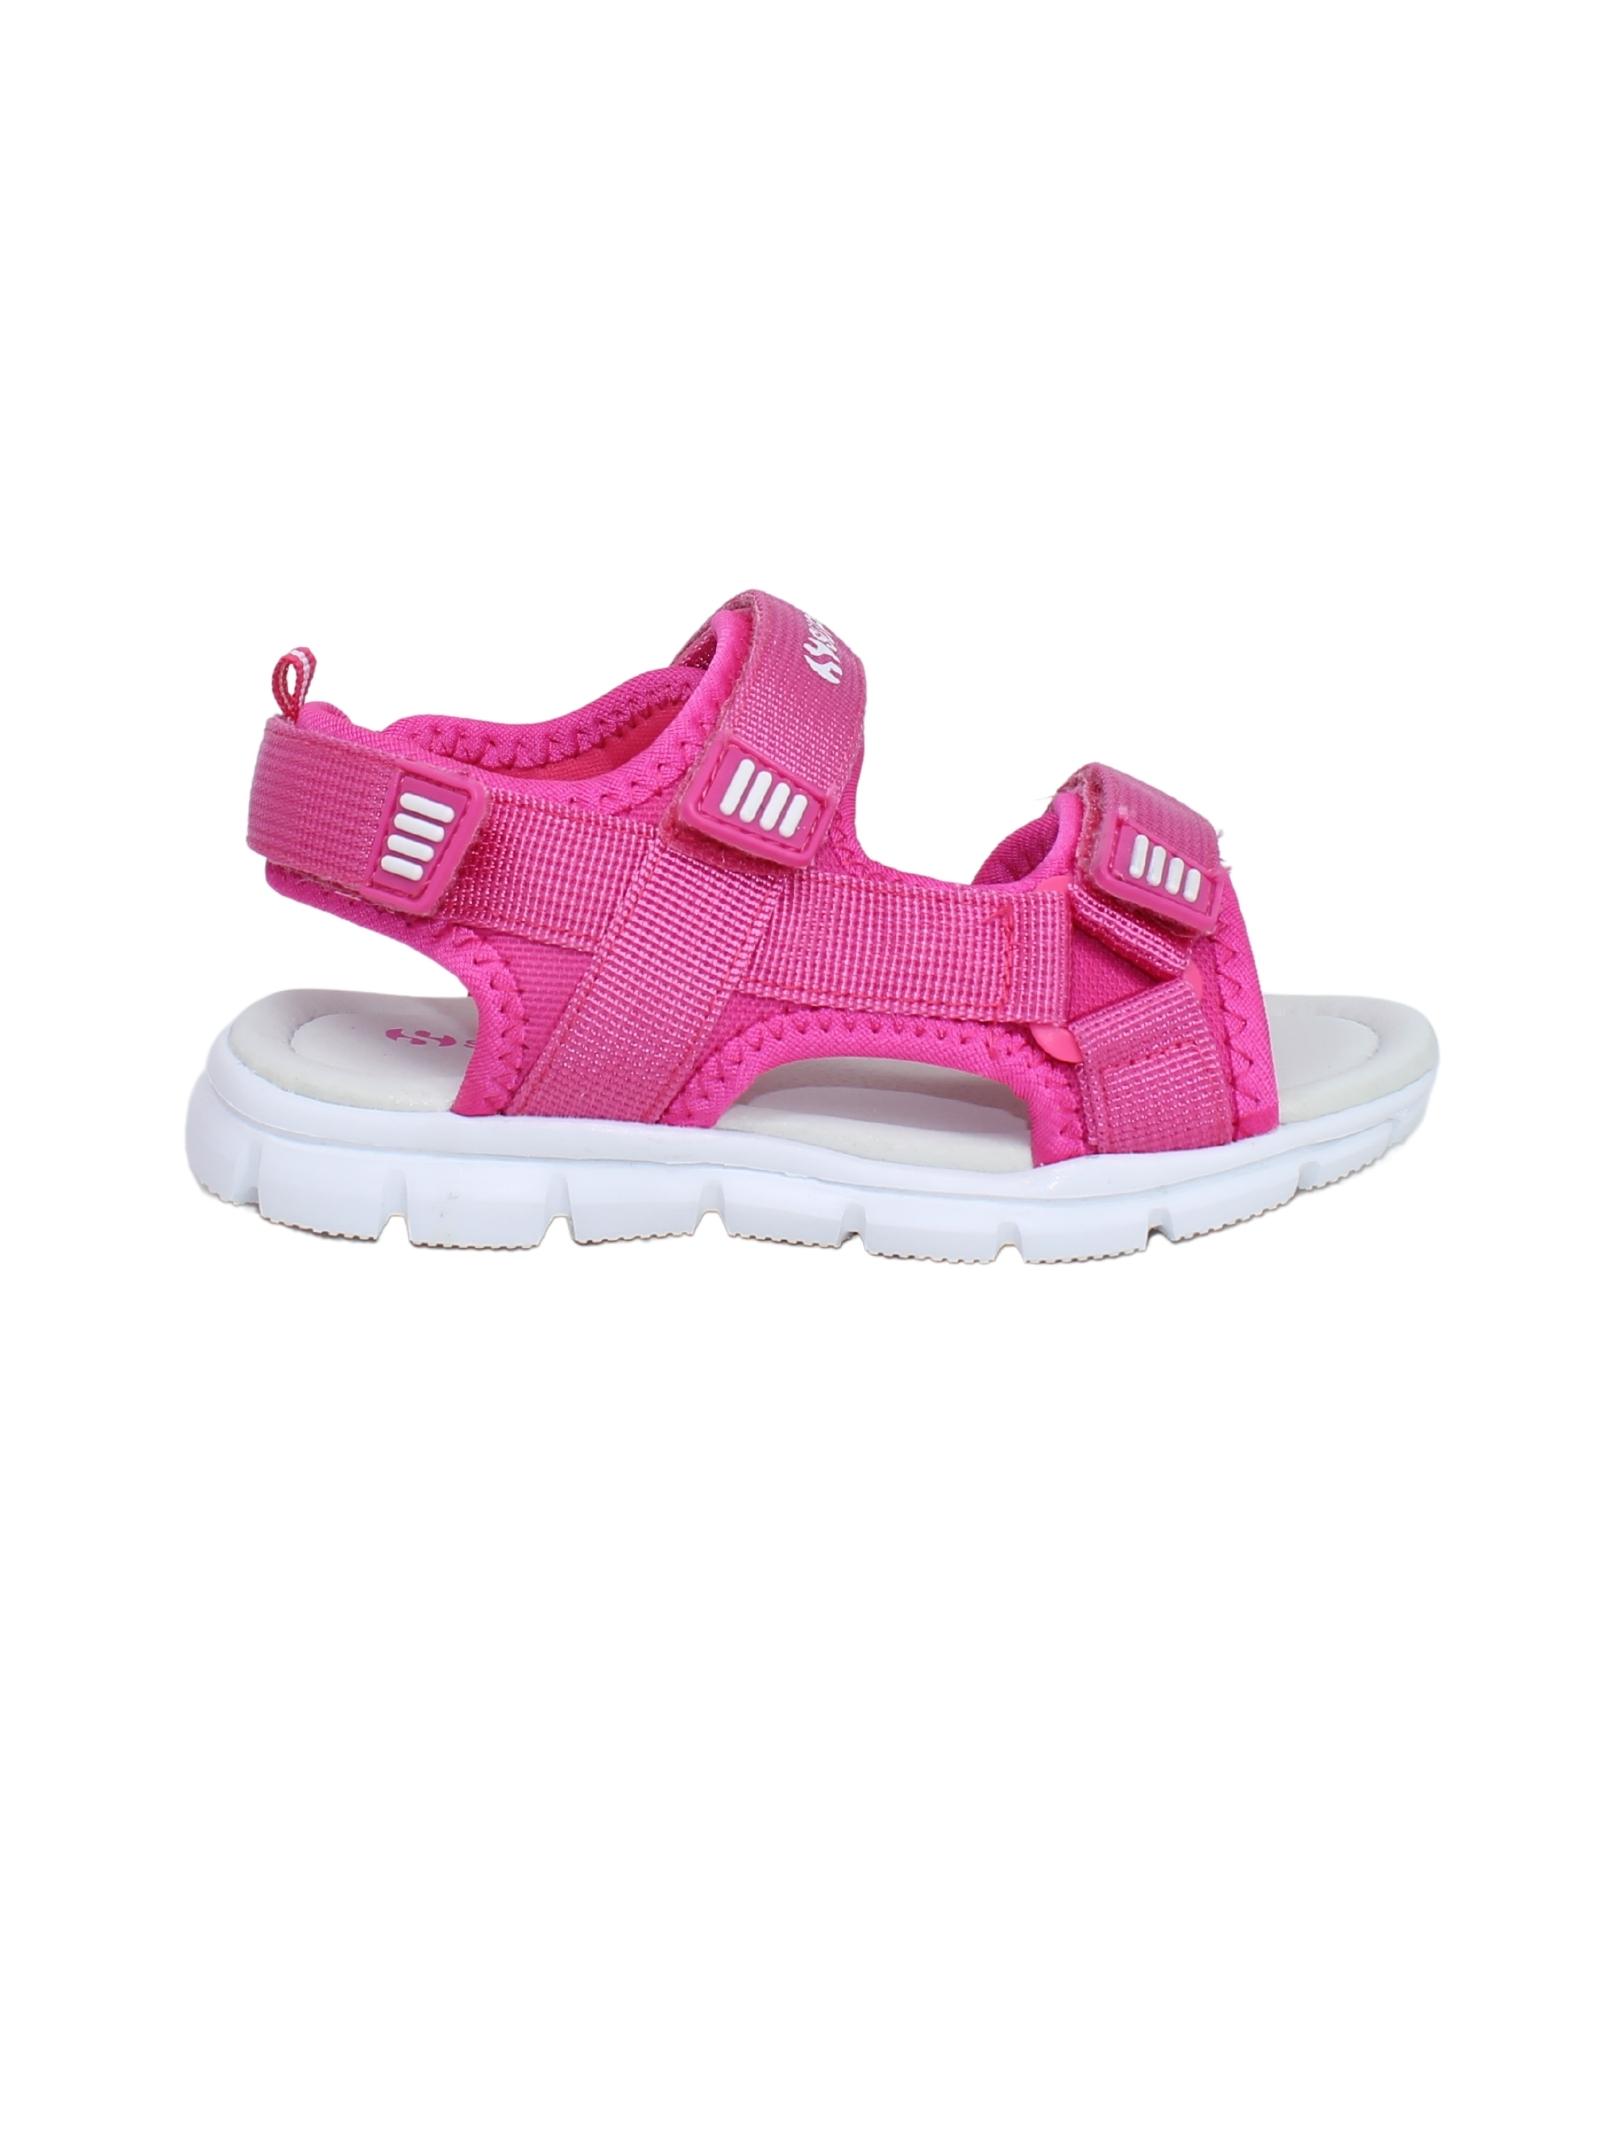 SUPERGA KIDS | Sandals | S835478FUCSIA